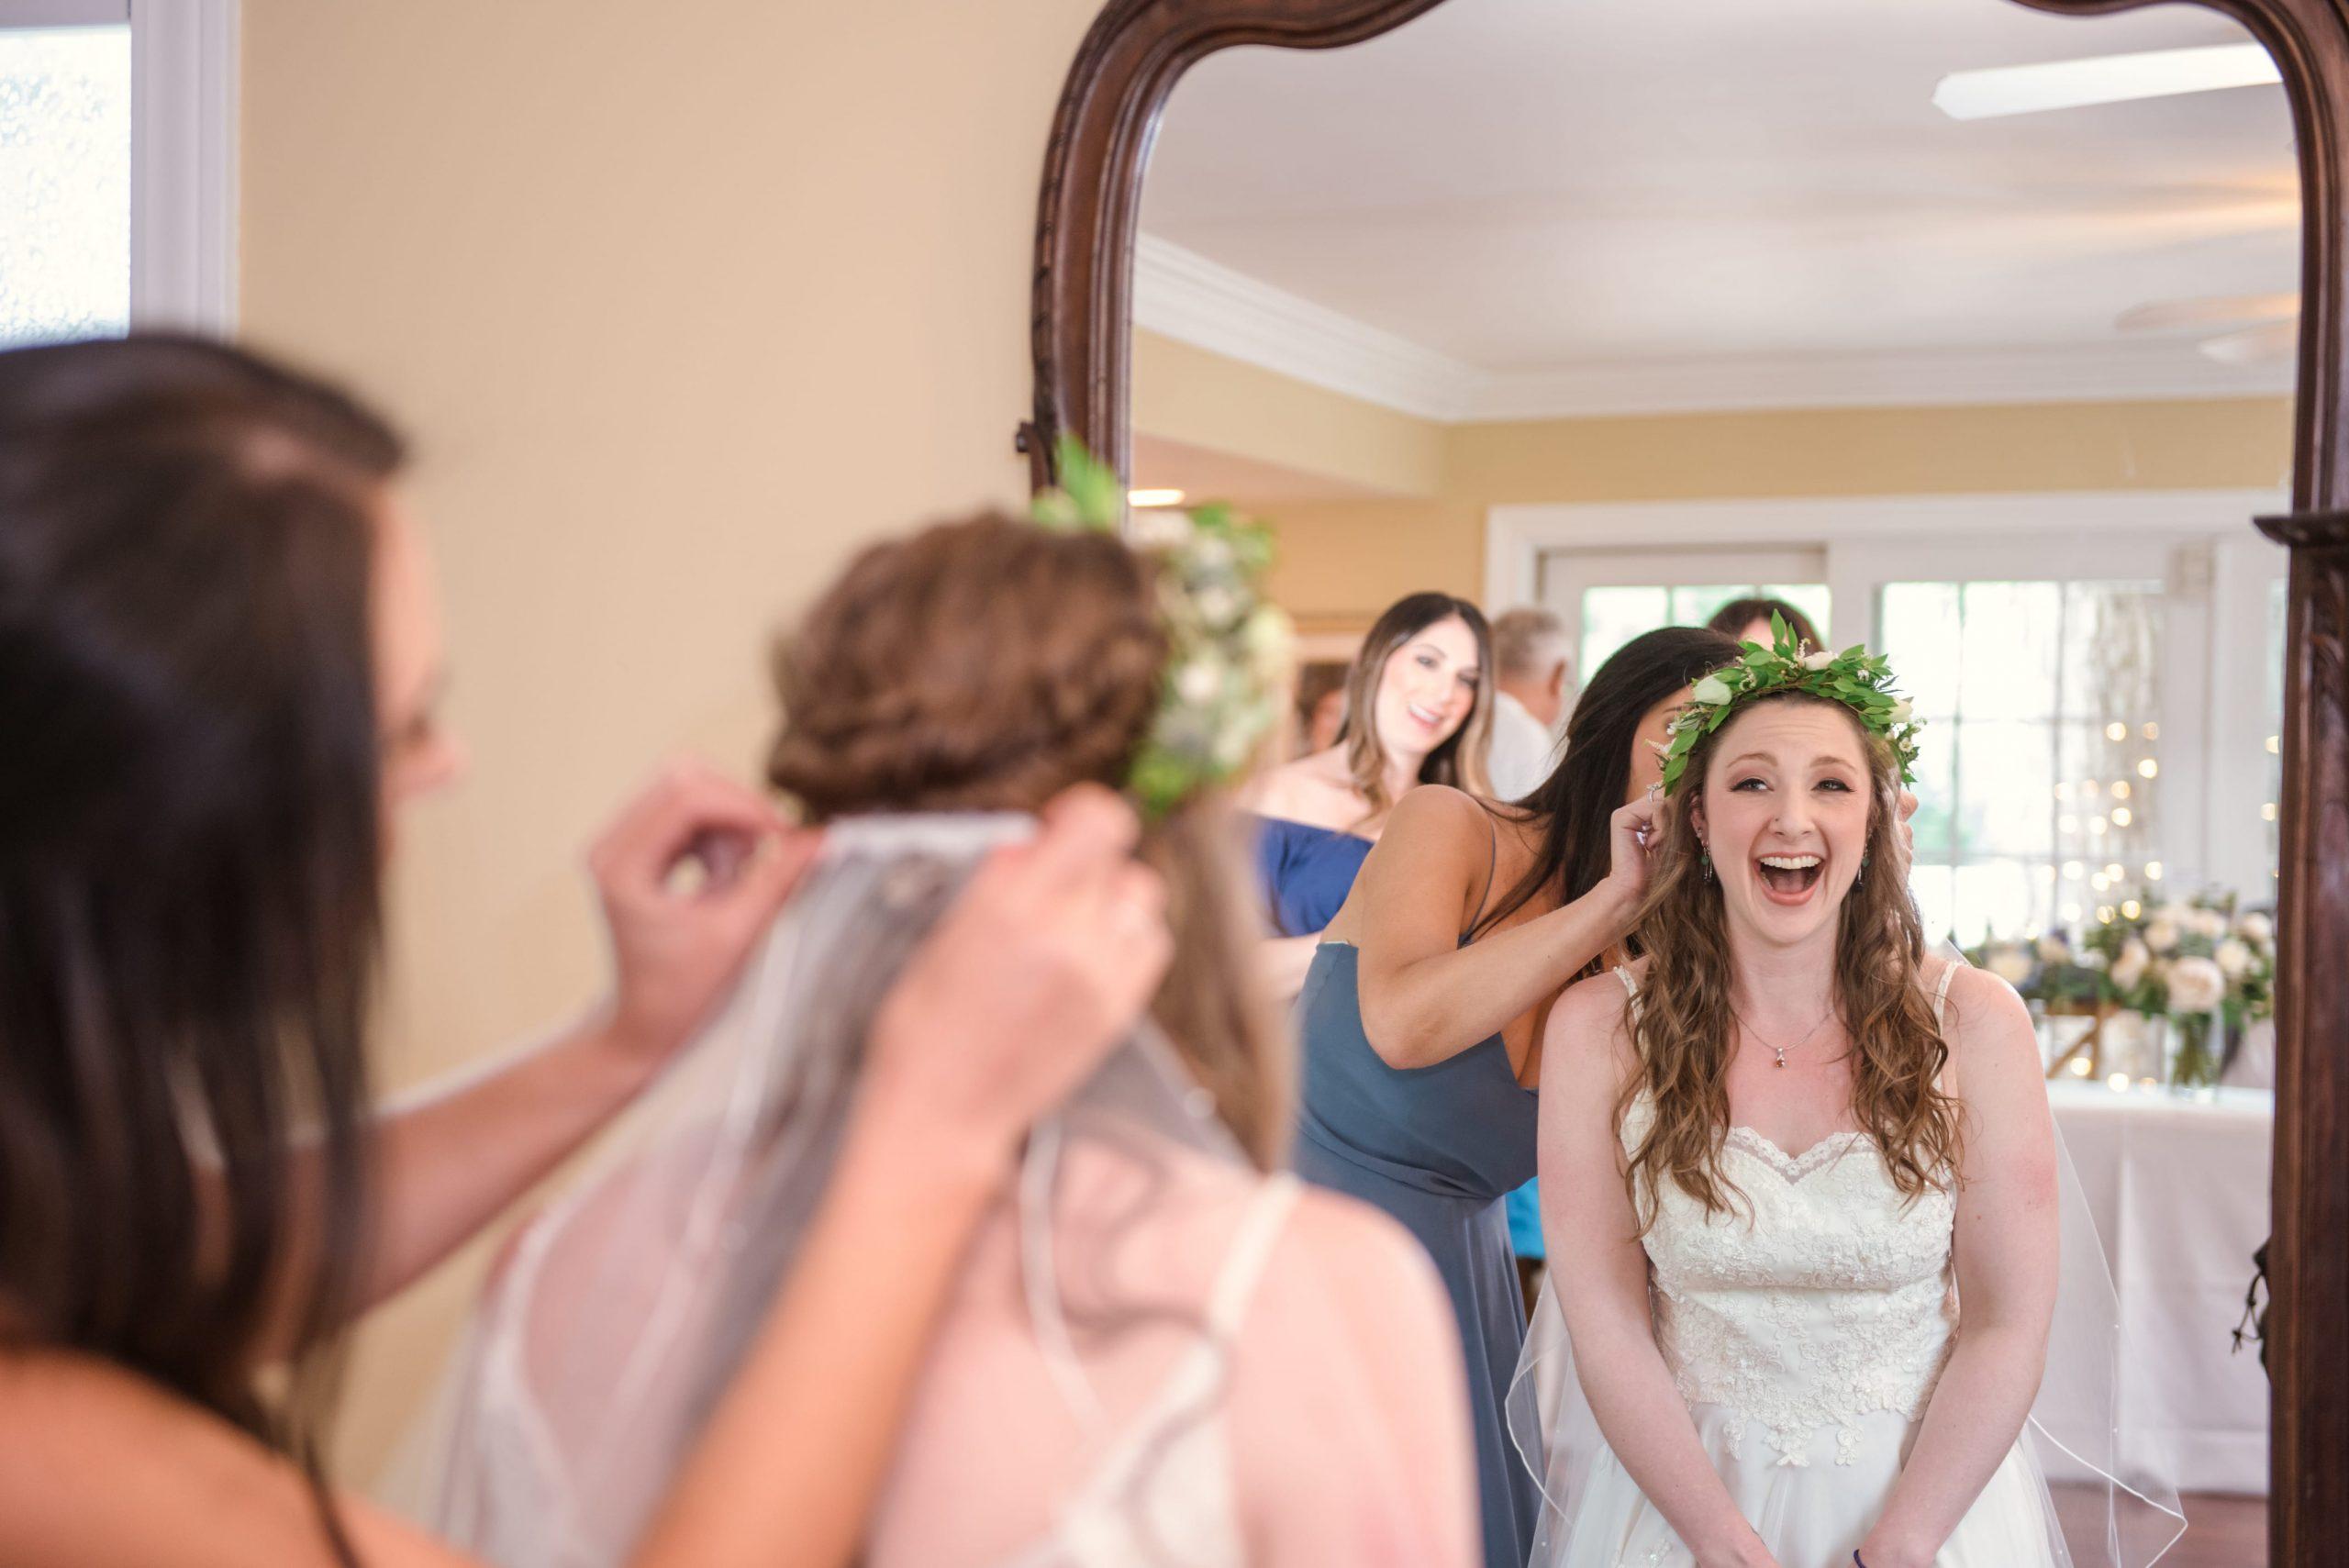 bride's excitement looking in mirror pre-ceremony